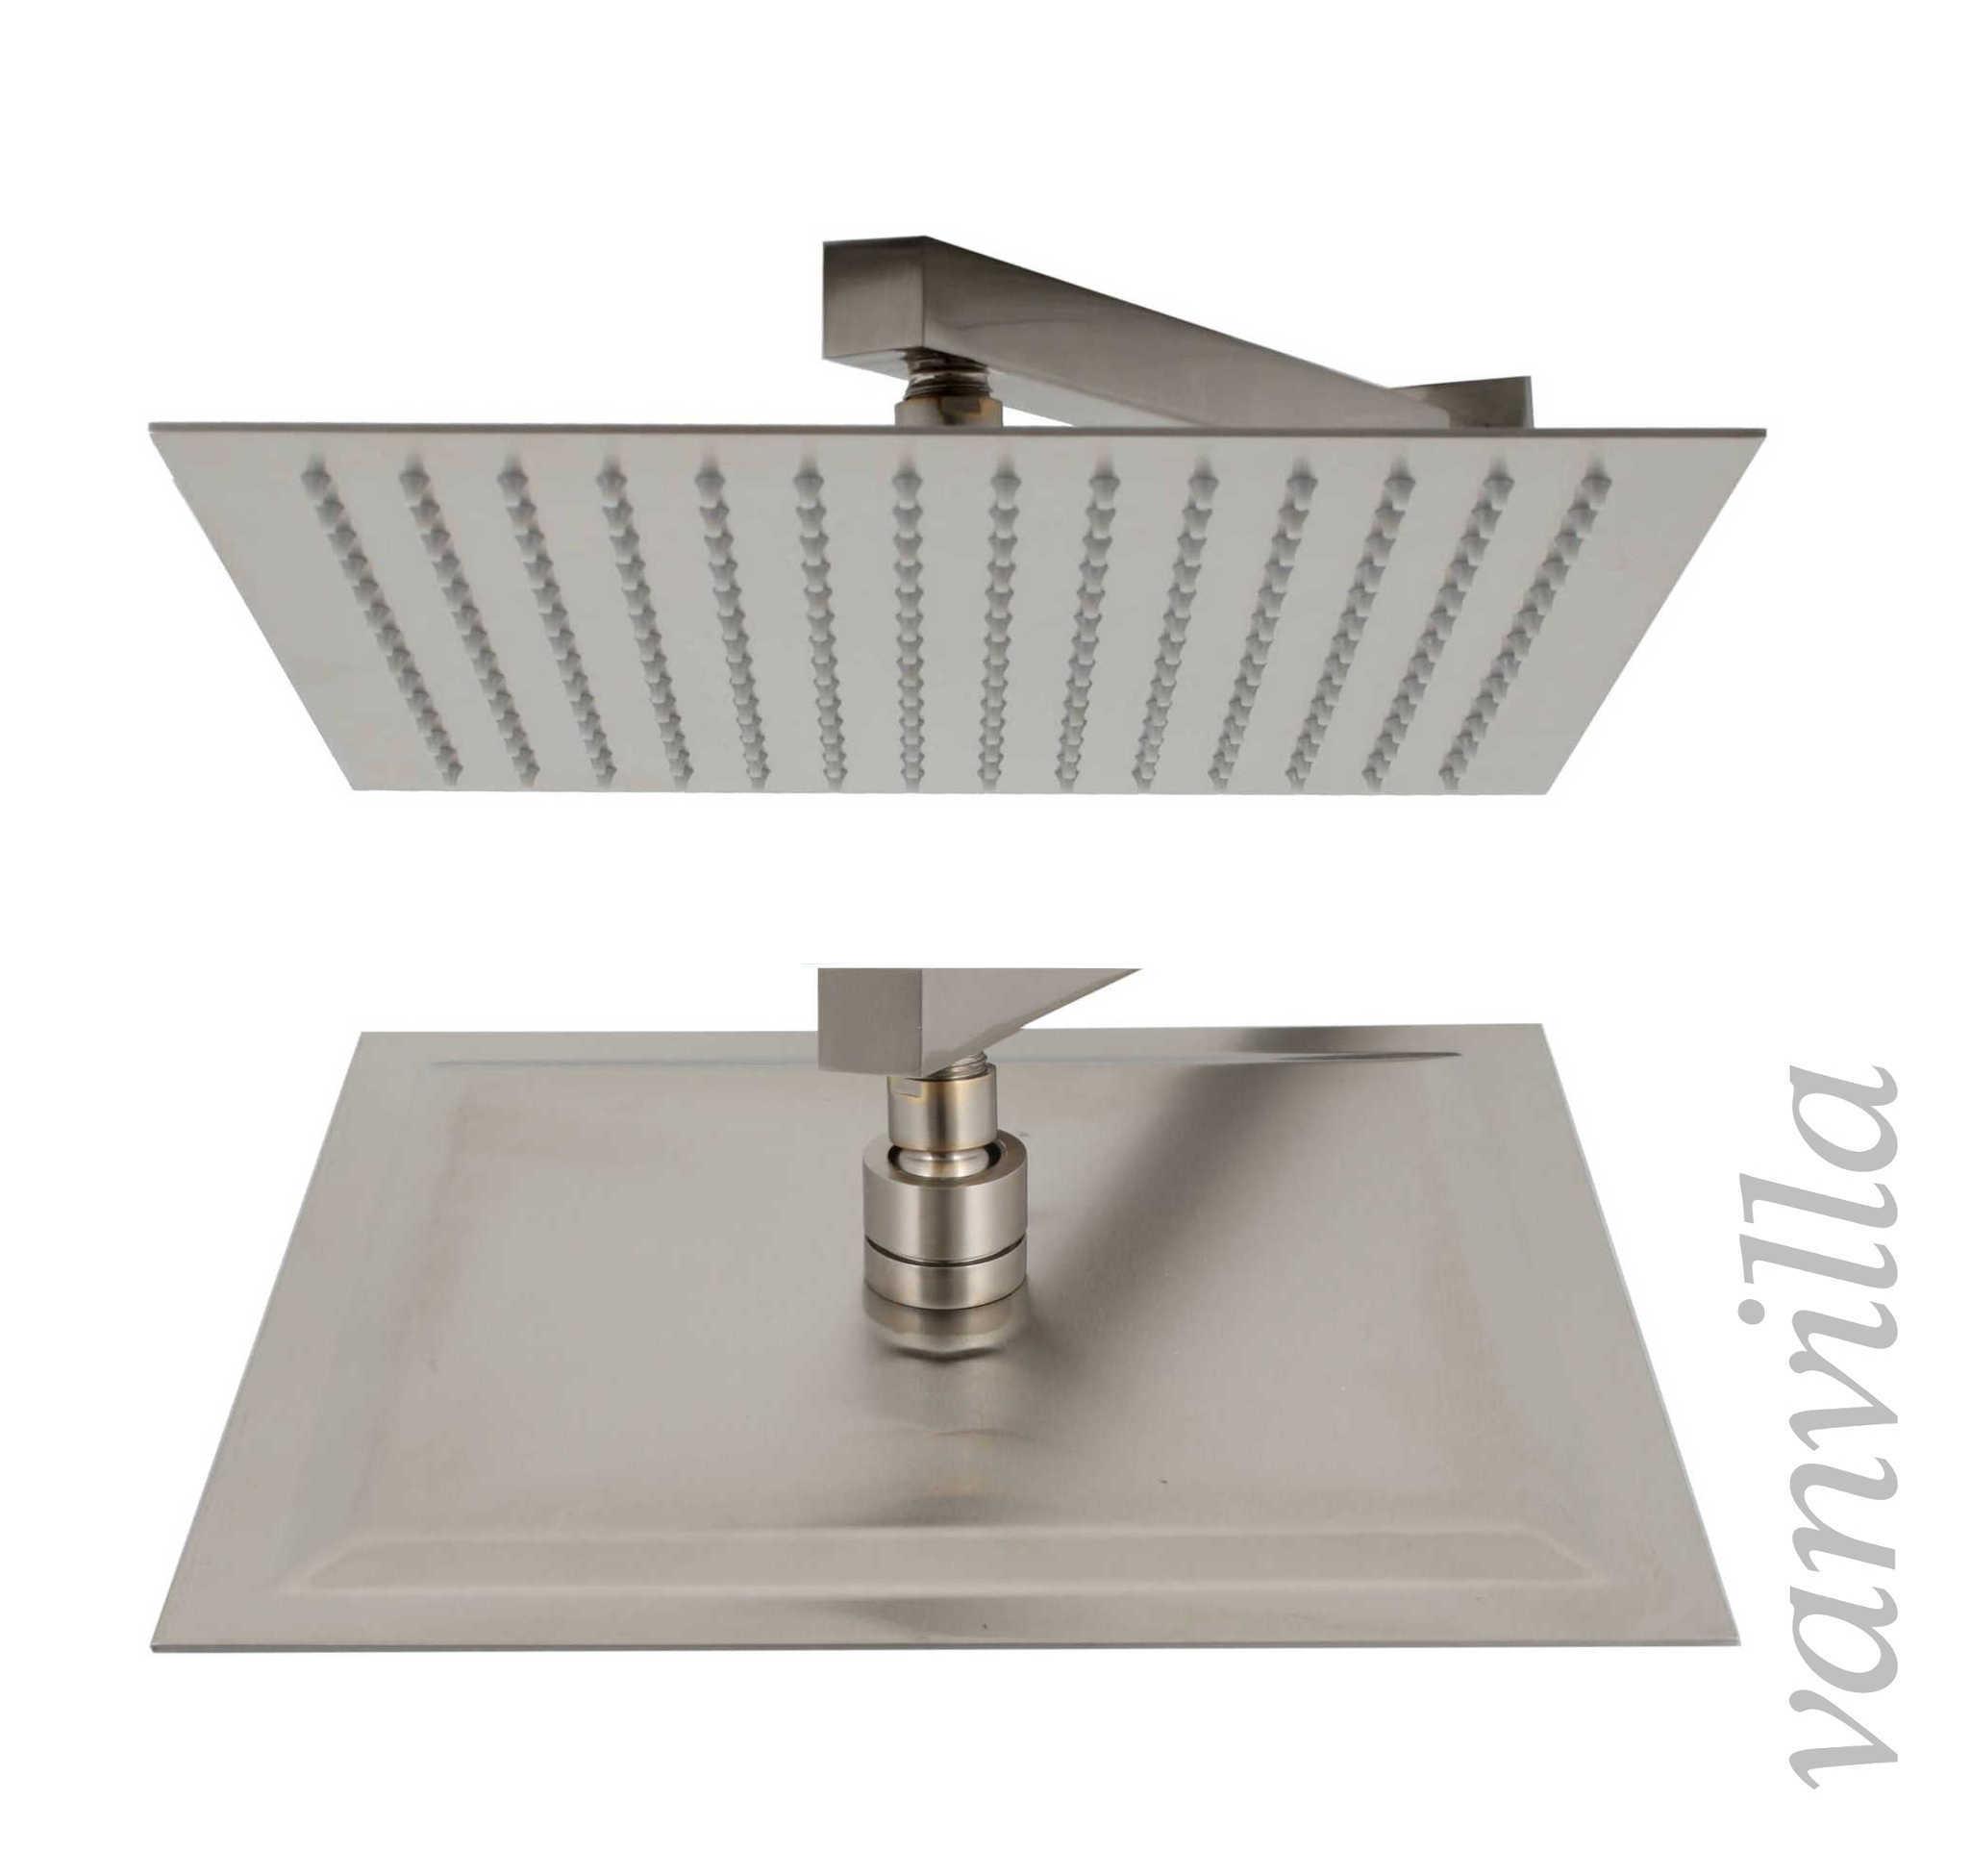 Ultra slim duschkopf edelstahl geb rstet regendusche regenbrause brausekopf ebay - Quadratische edelstahl designer duschkopf ...